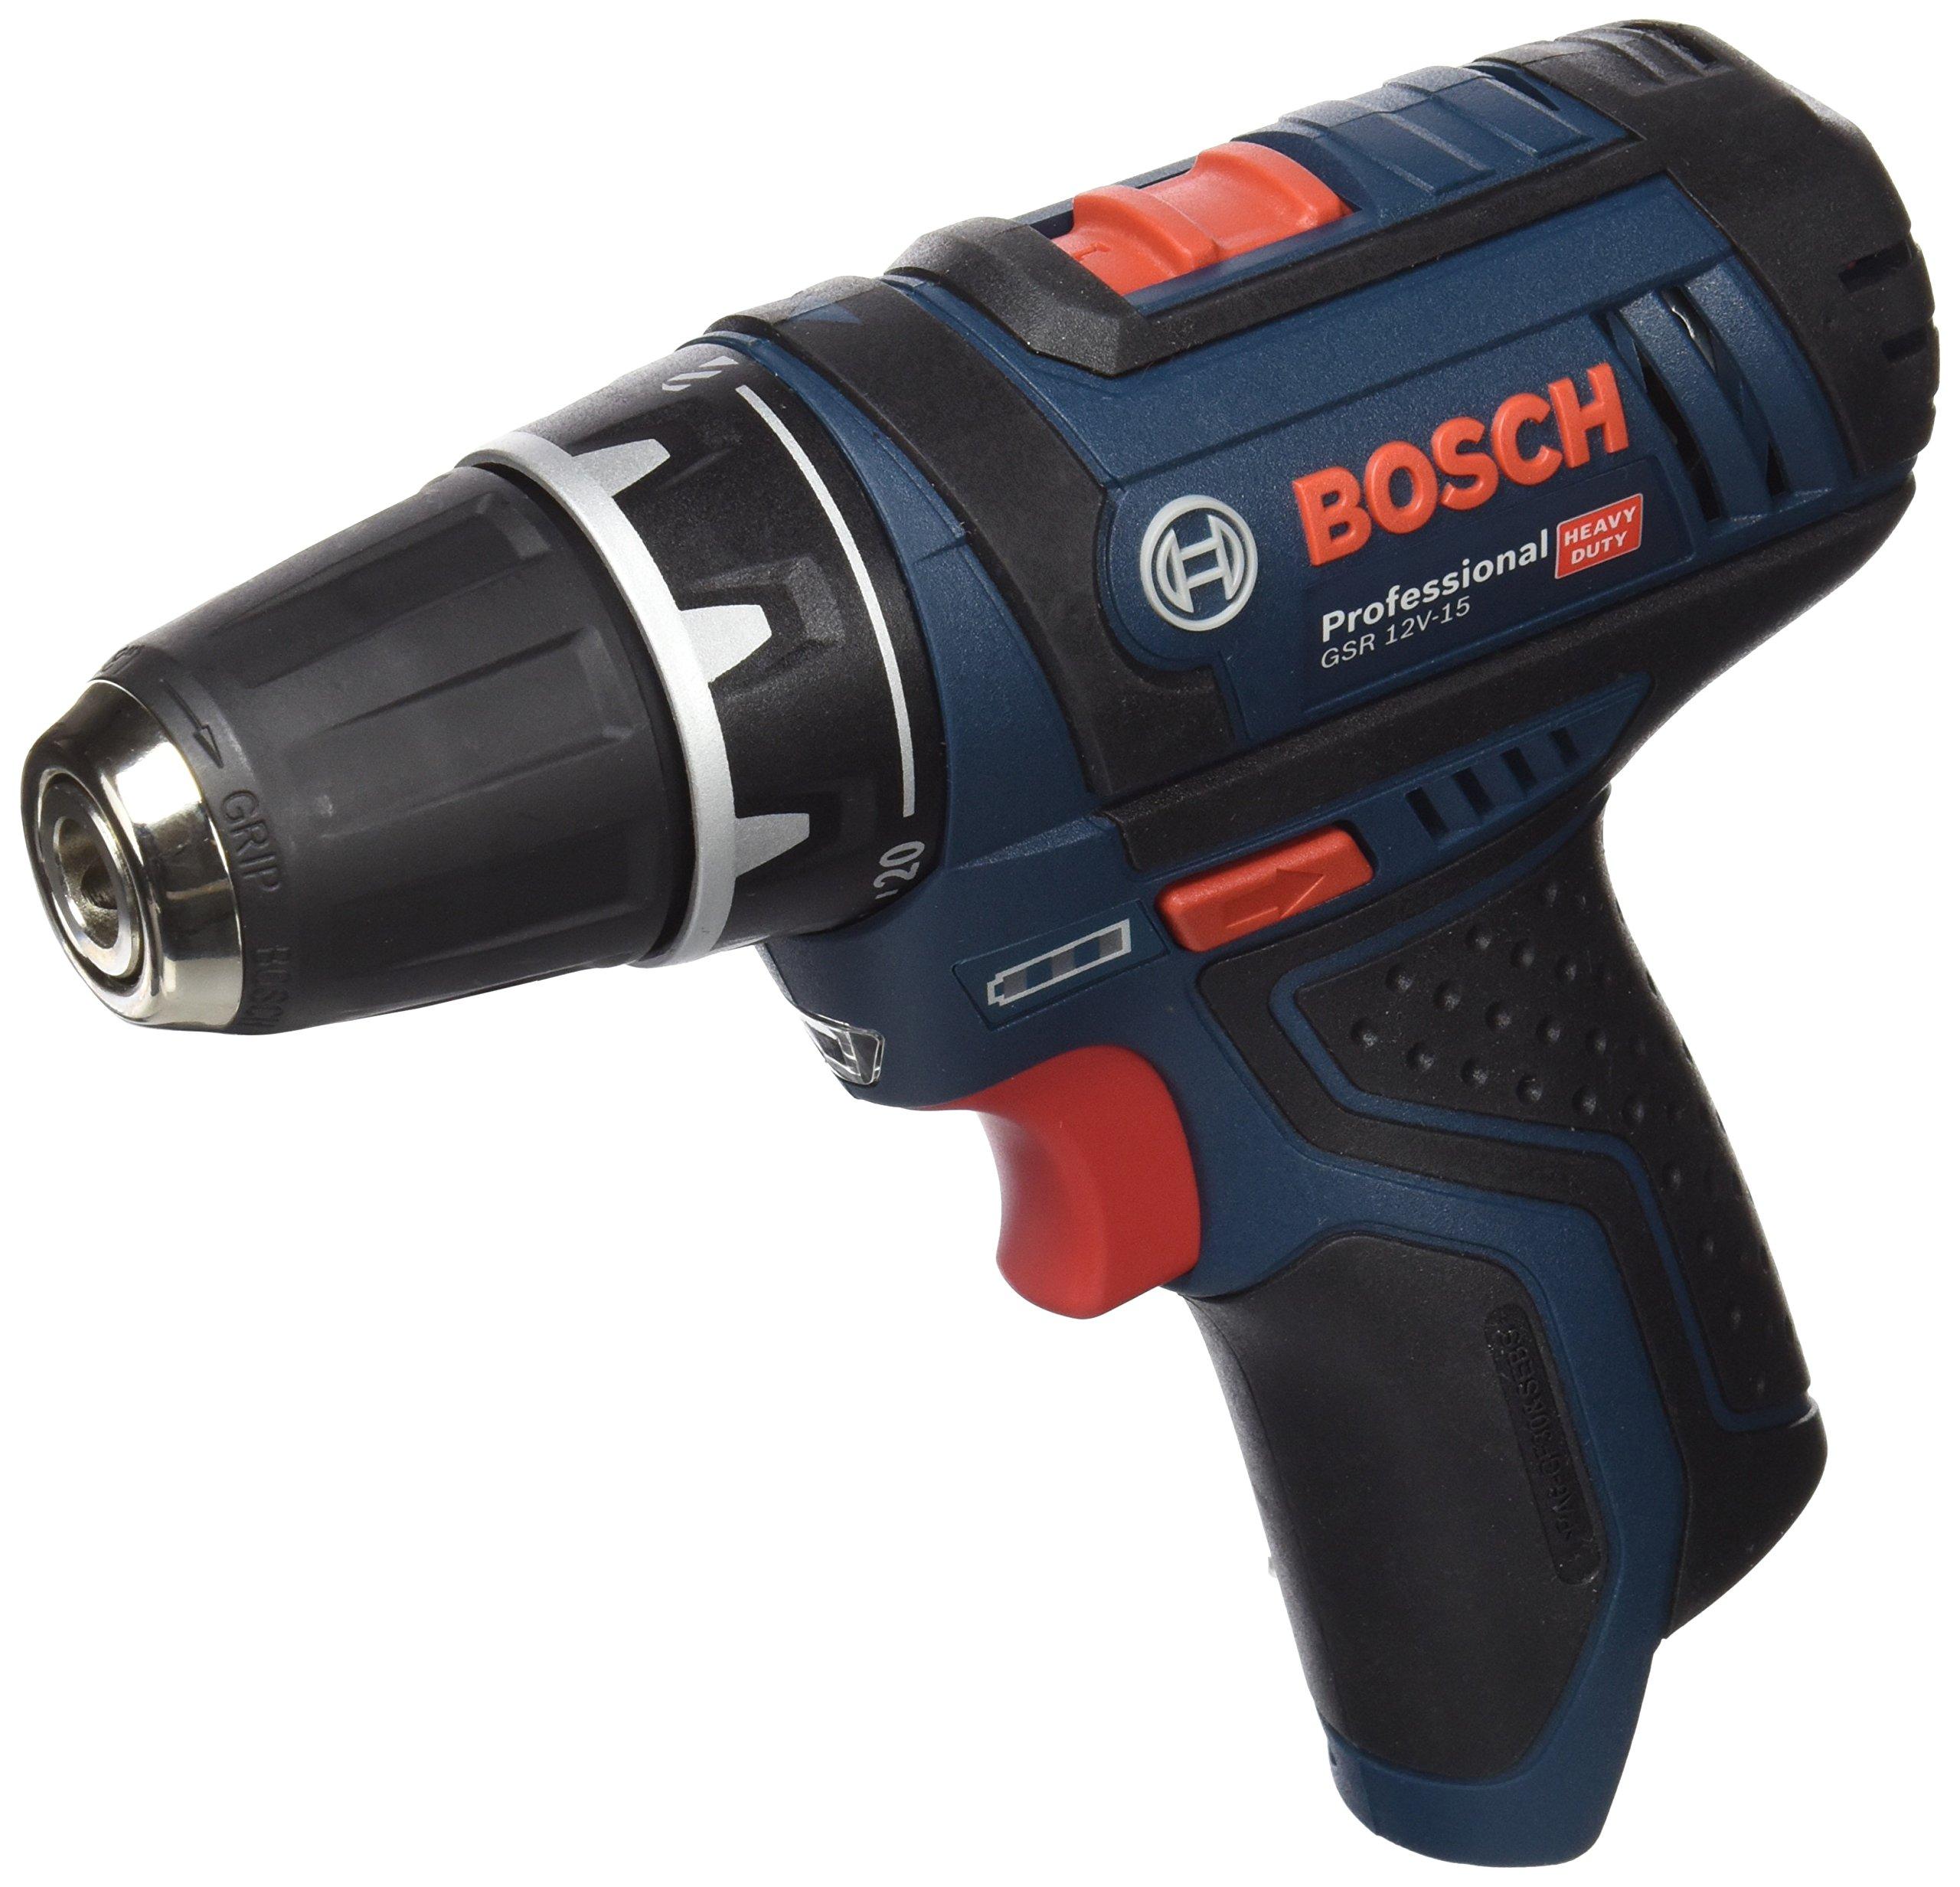 Bosch 0601868101 Perceuse sans fil 12 V (sans batterie ni chargeur) product image